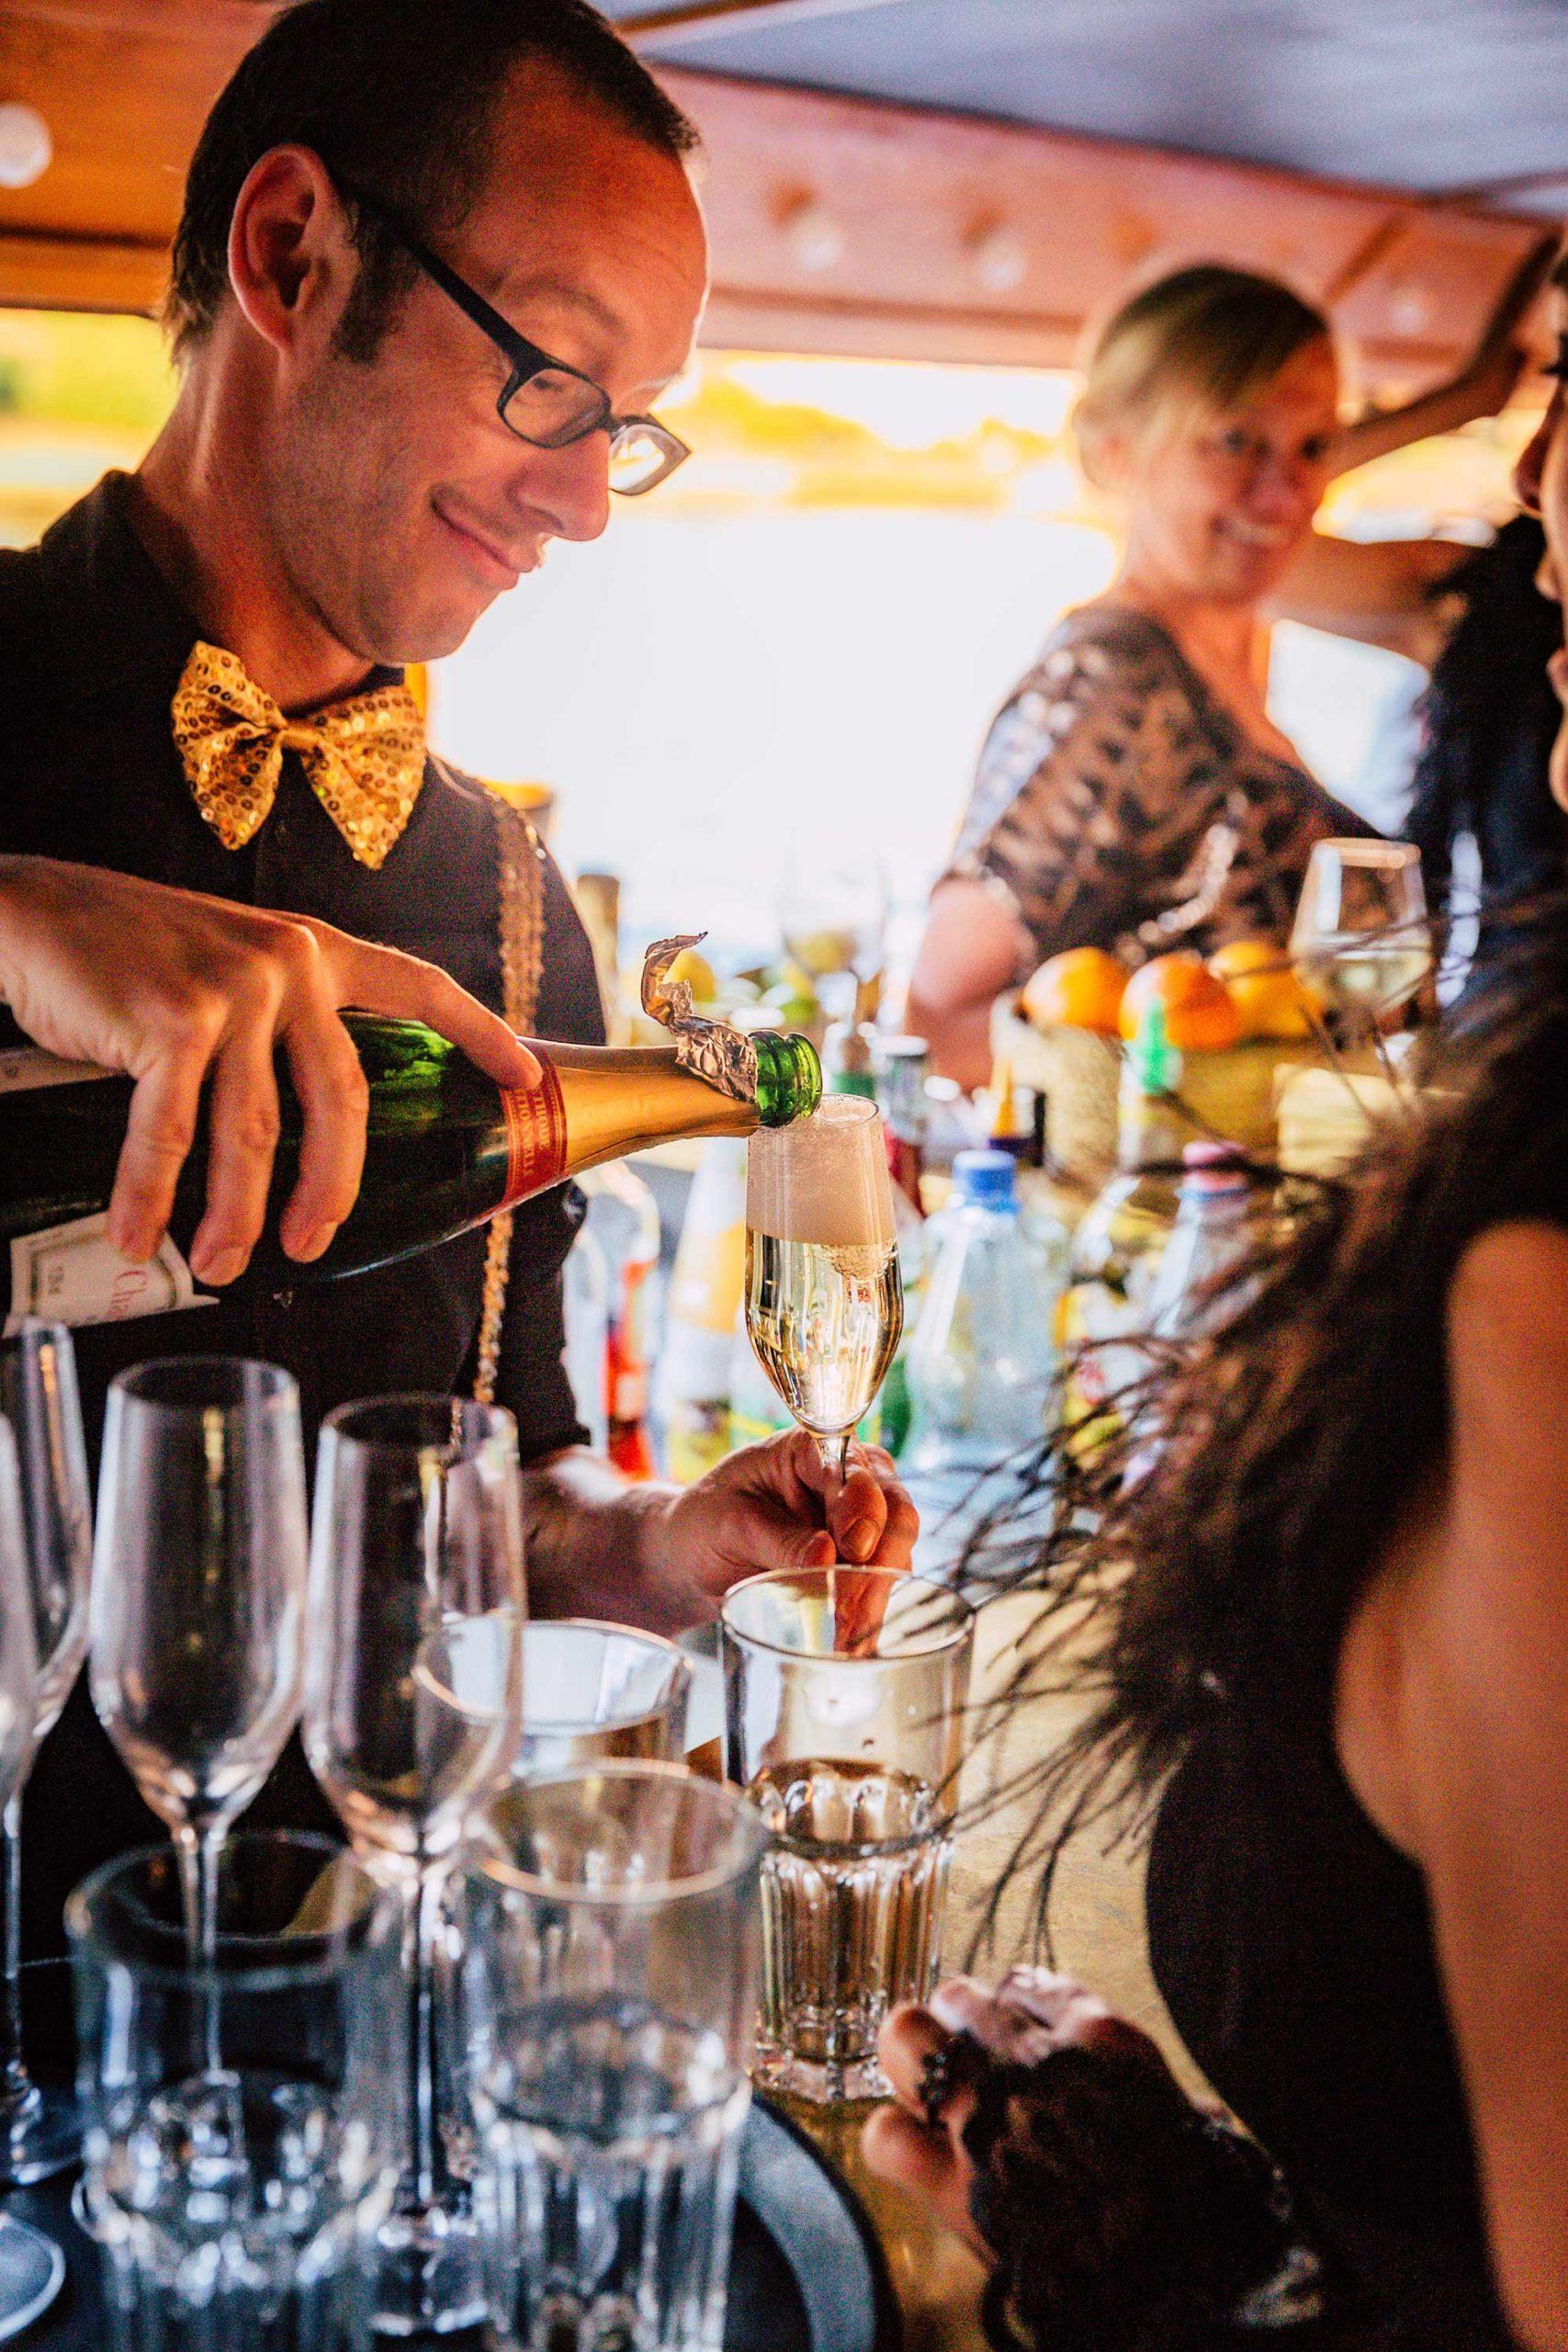 Foto by Foto by Catharina Schökel / Partyboot Salonschiff Golda Schökel